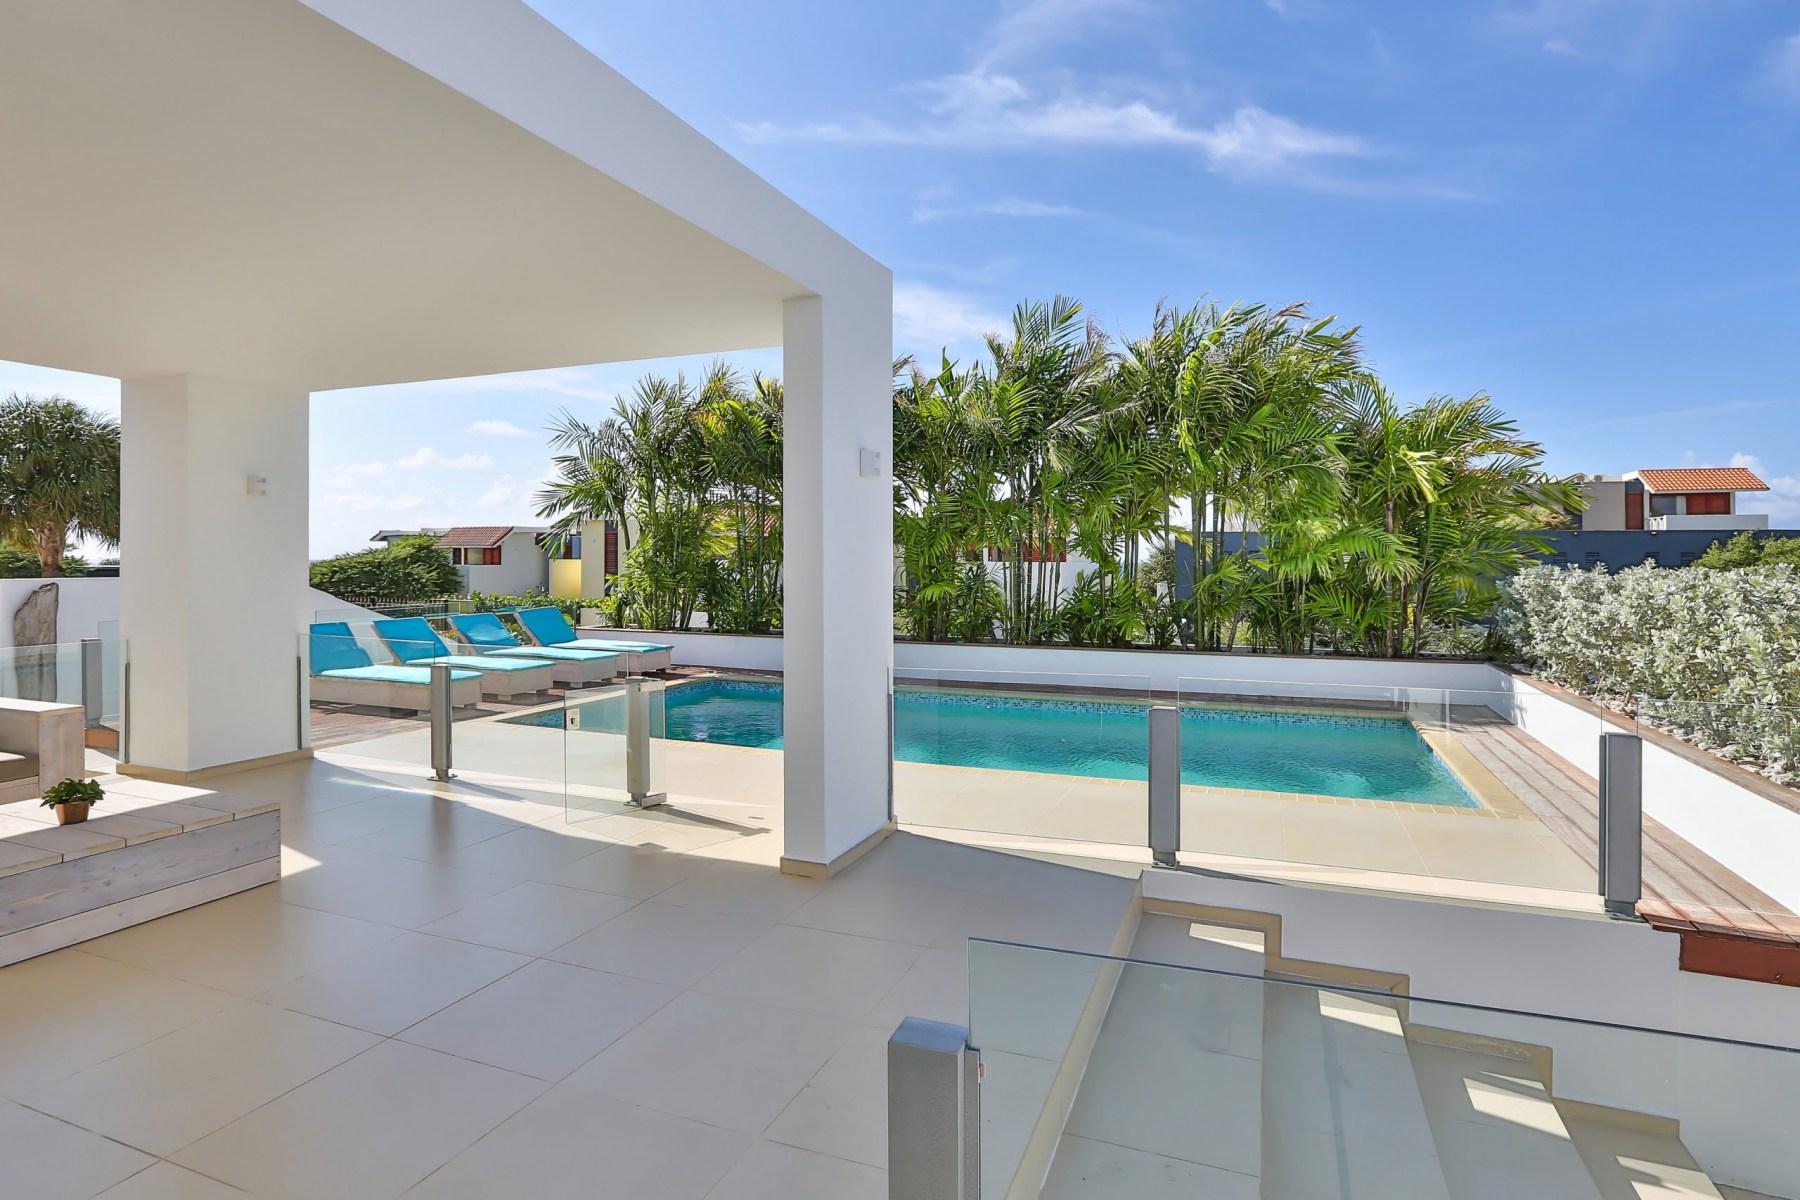 Villa-en-zwembad-scaled